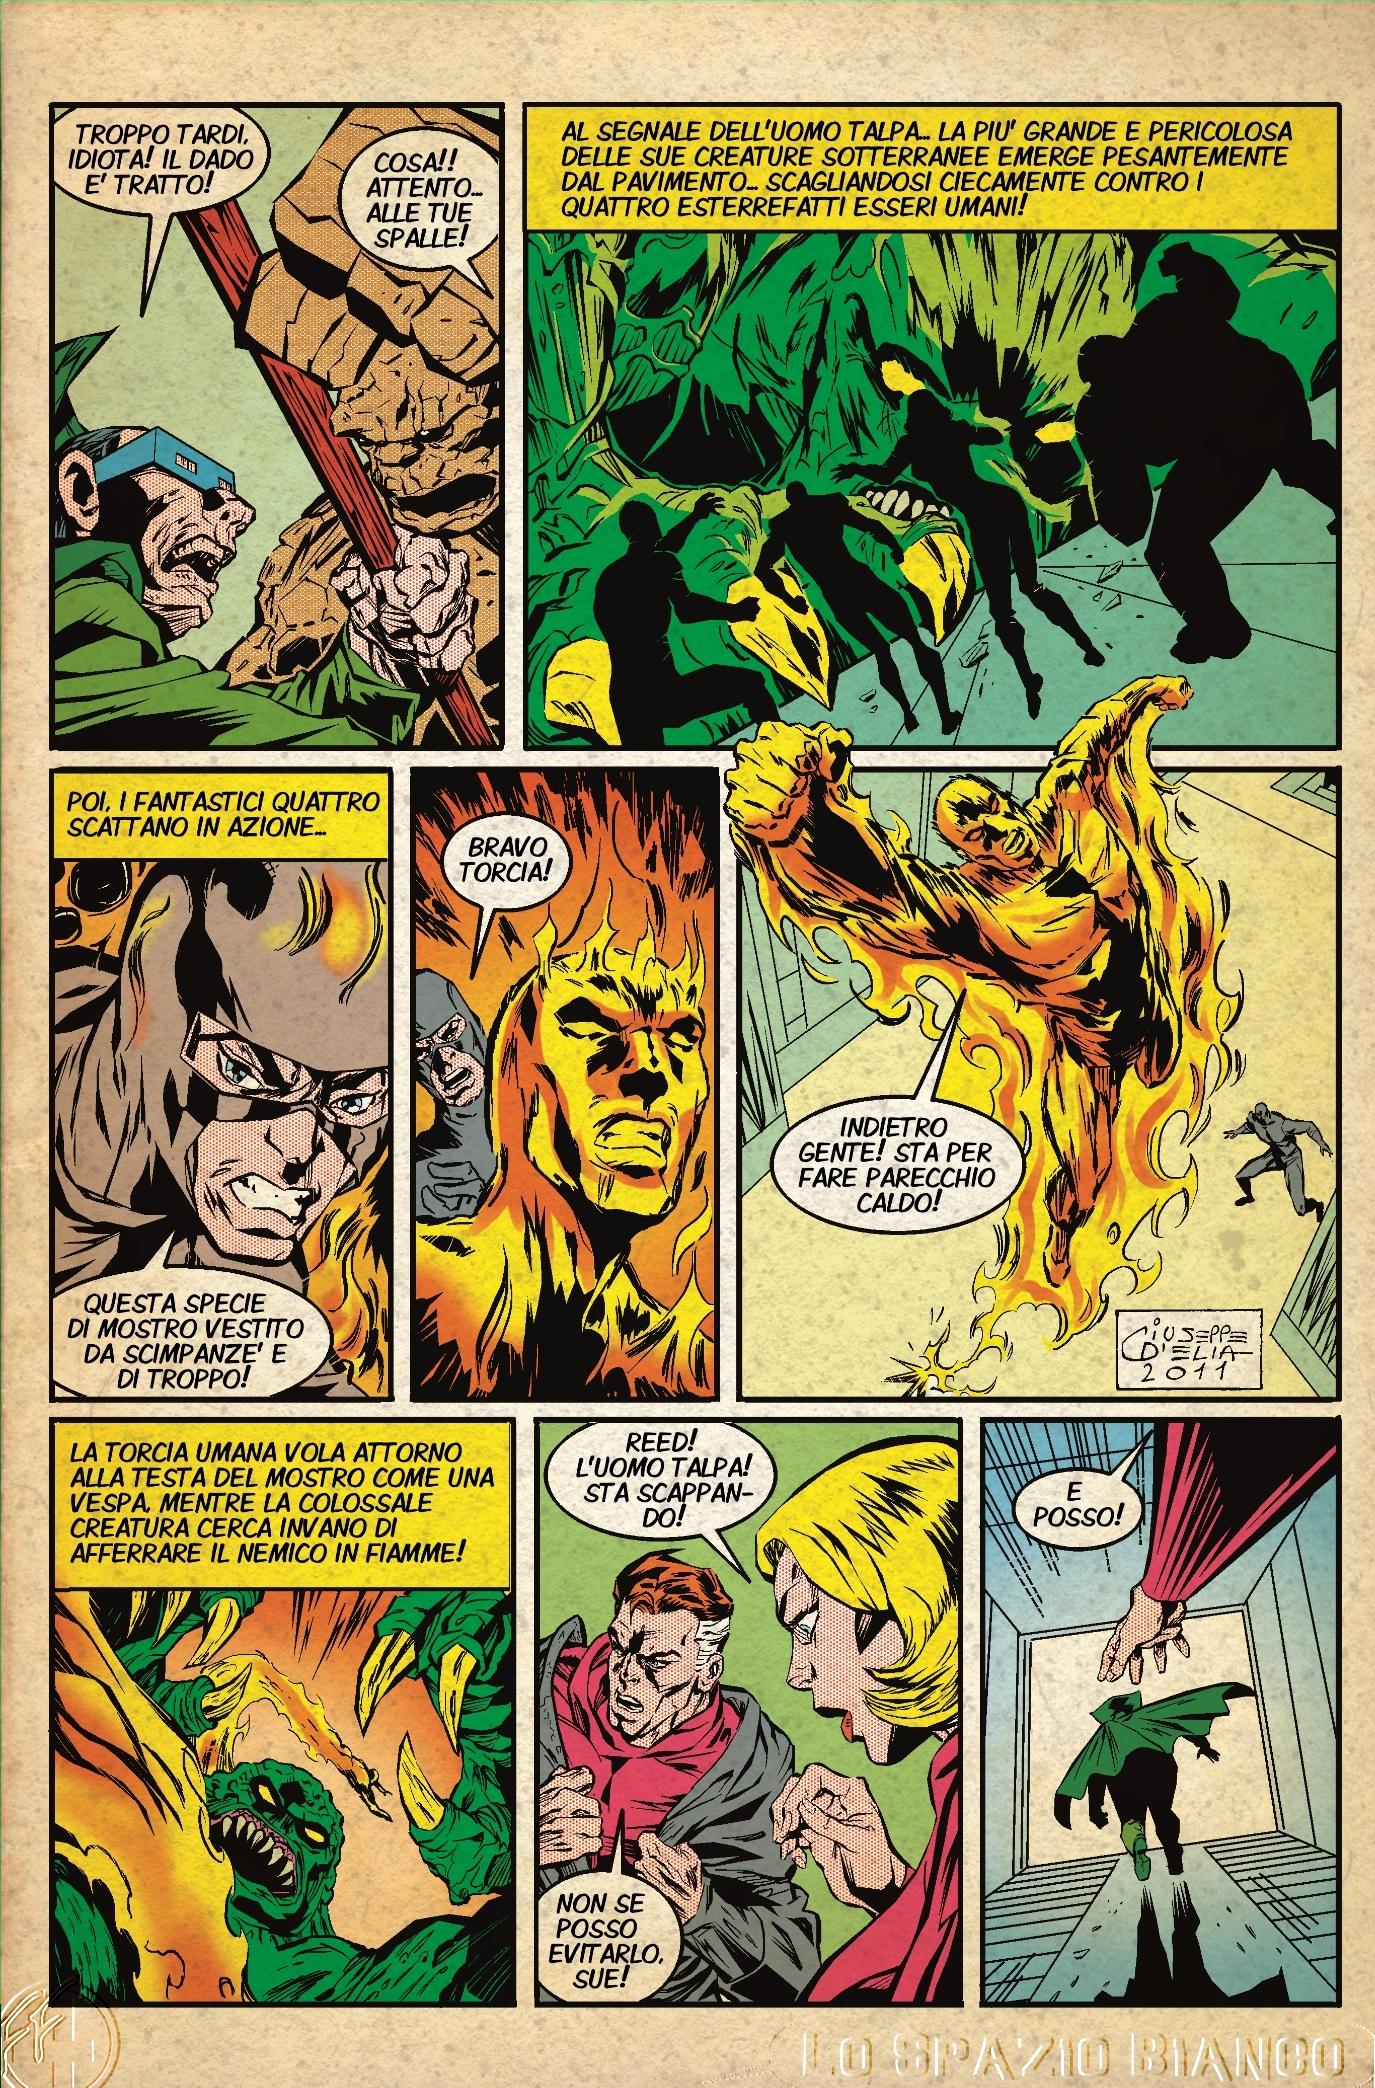 Fantastici Quattro (Mole Man 2) Pagina 5 (Giuseppe D'Elia)